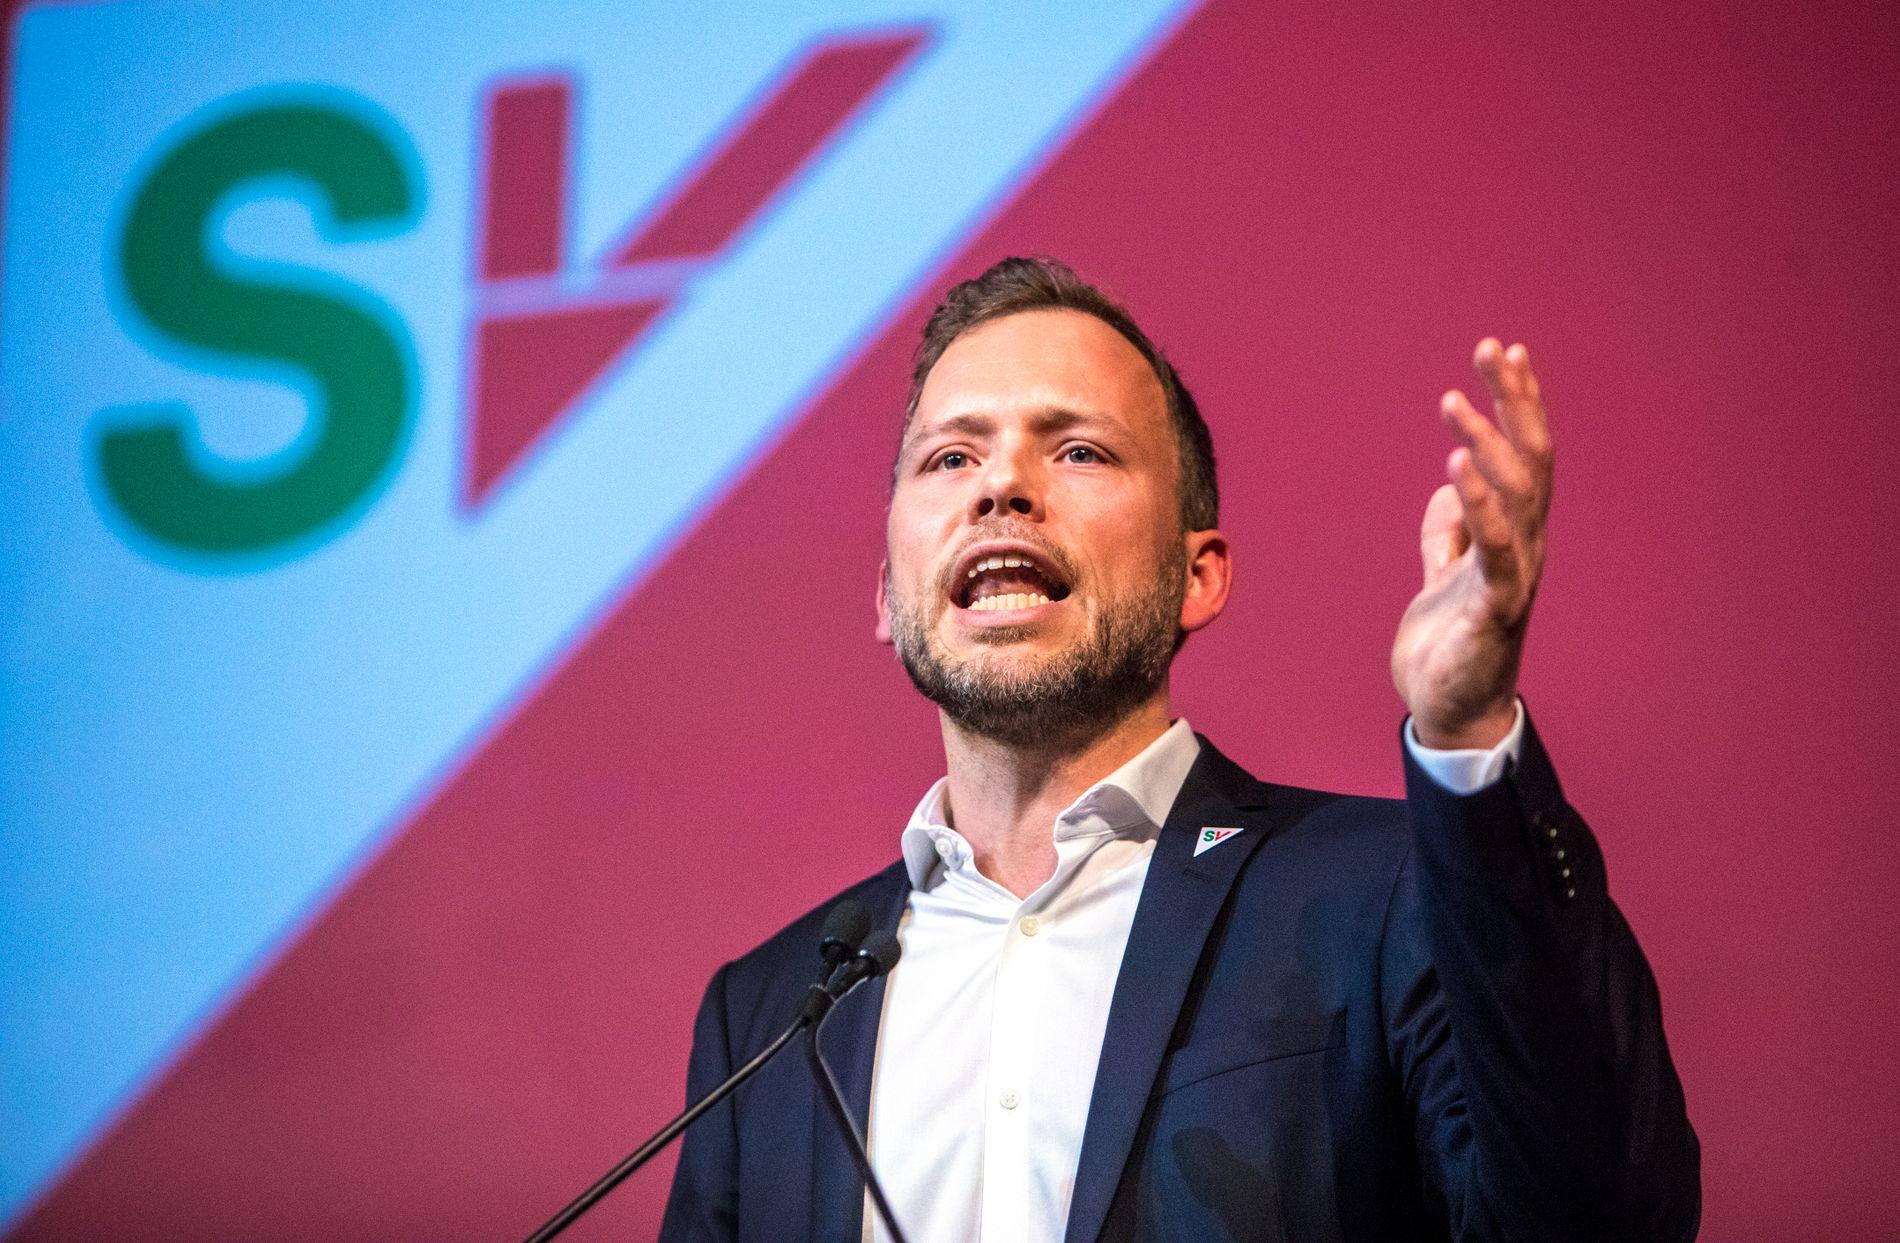 TRAMPEKLAPP: Audun Lysbakken har gått frå zero til hero som SV-leiar. I sin landsmøtetale spøkte han til og med med sperregrensa.